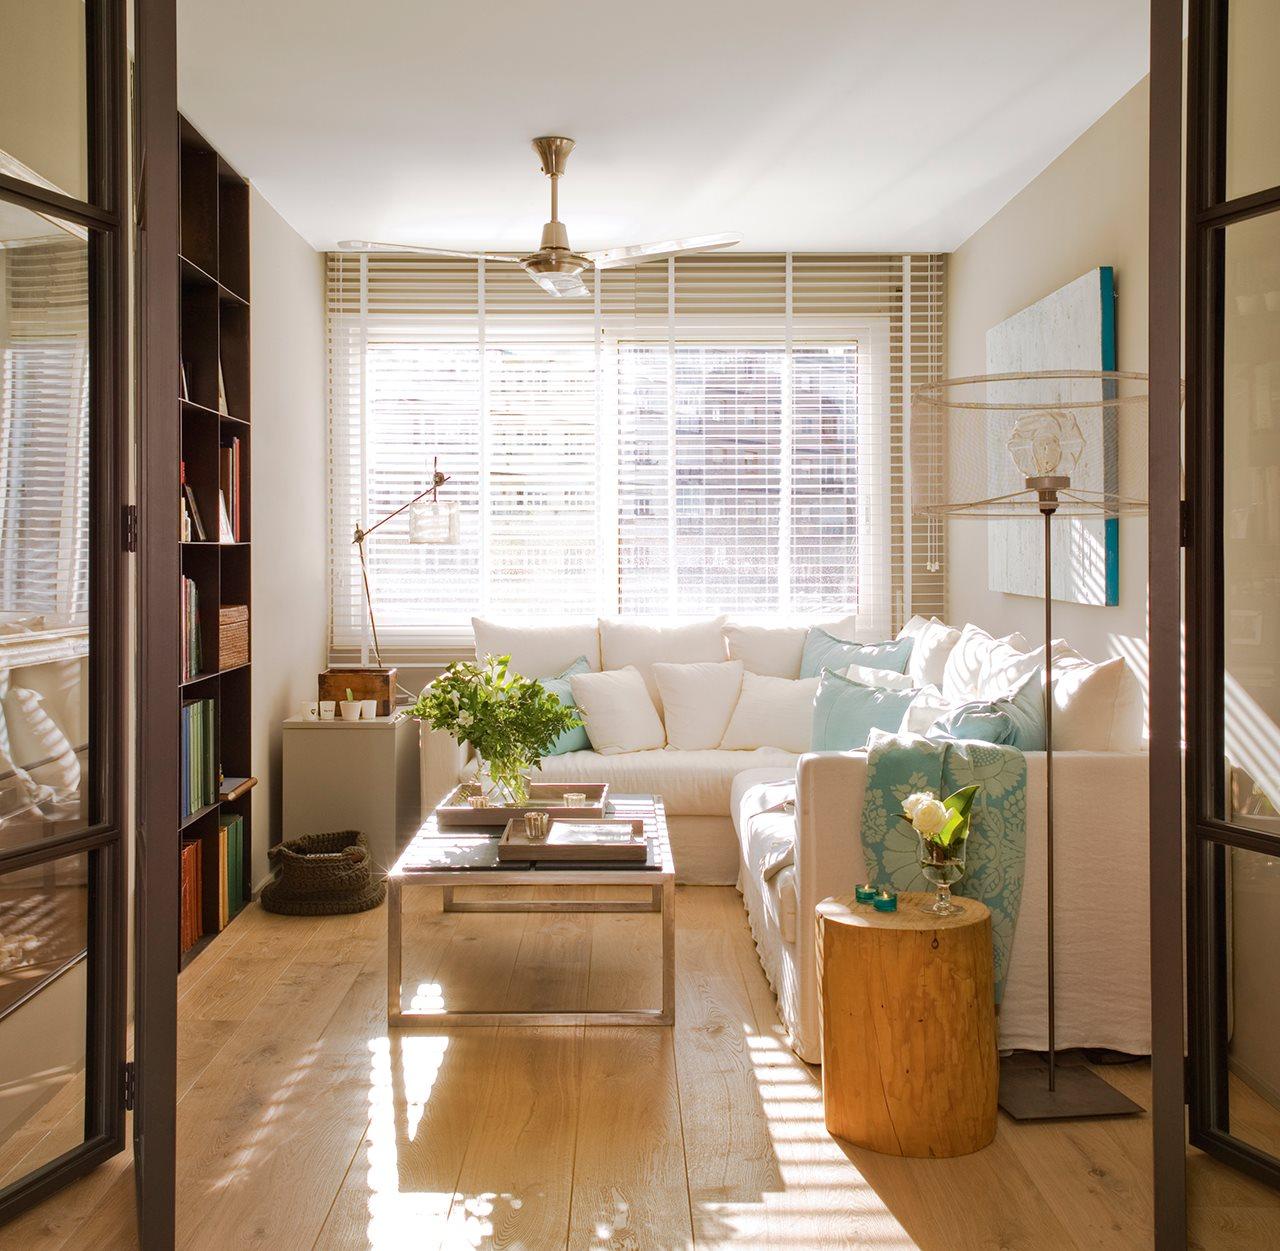 5 casas reformadas para ganar metros y luz - Casas con puertas blancas ...